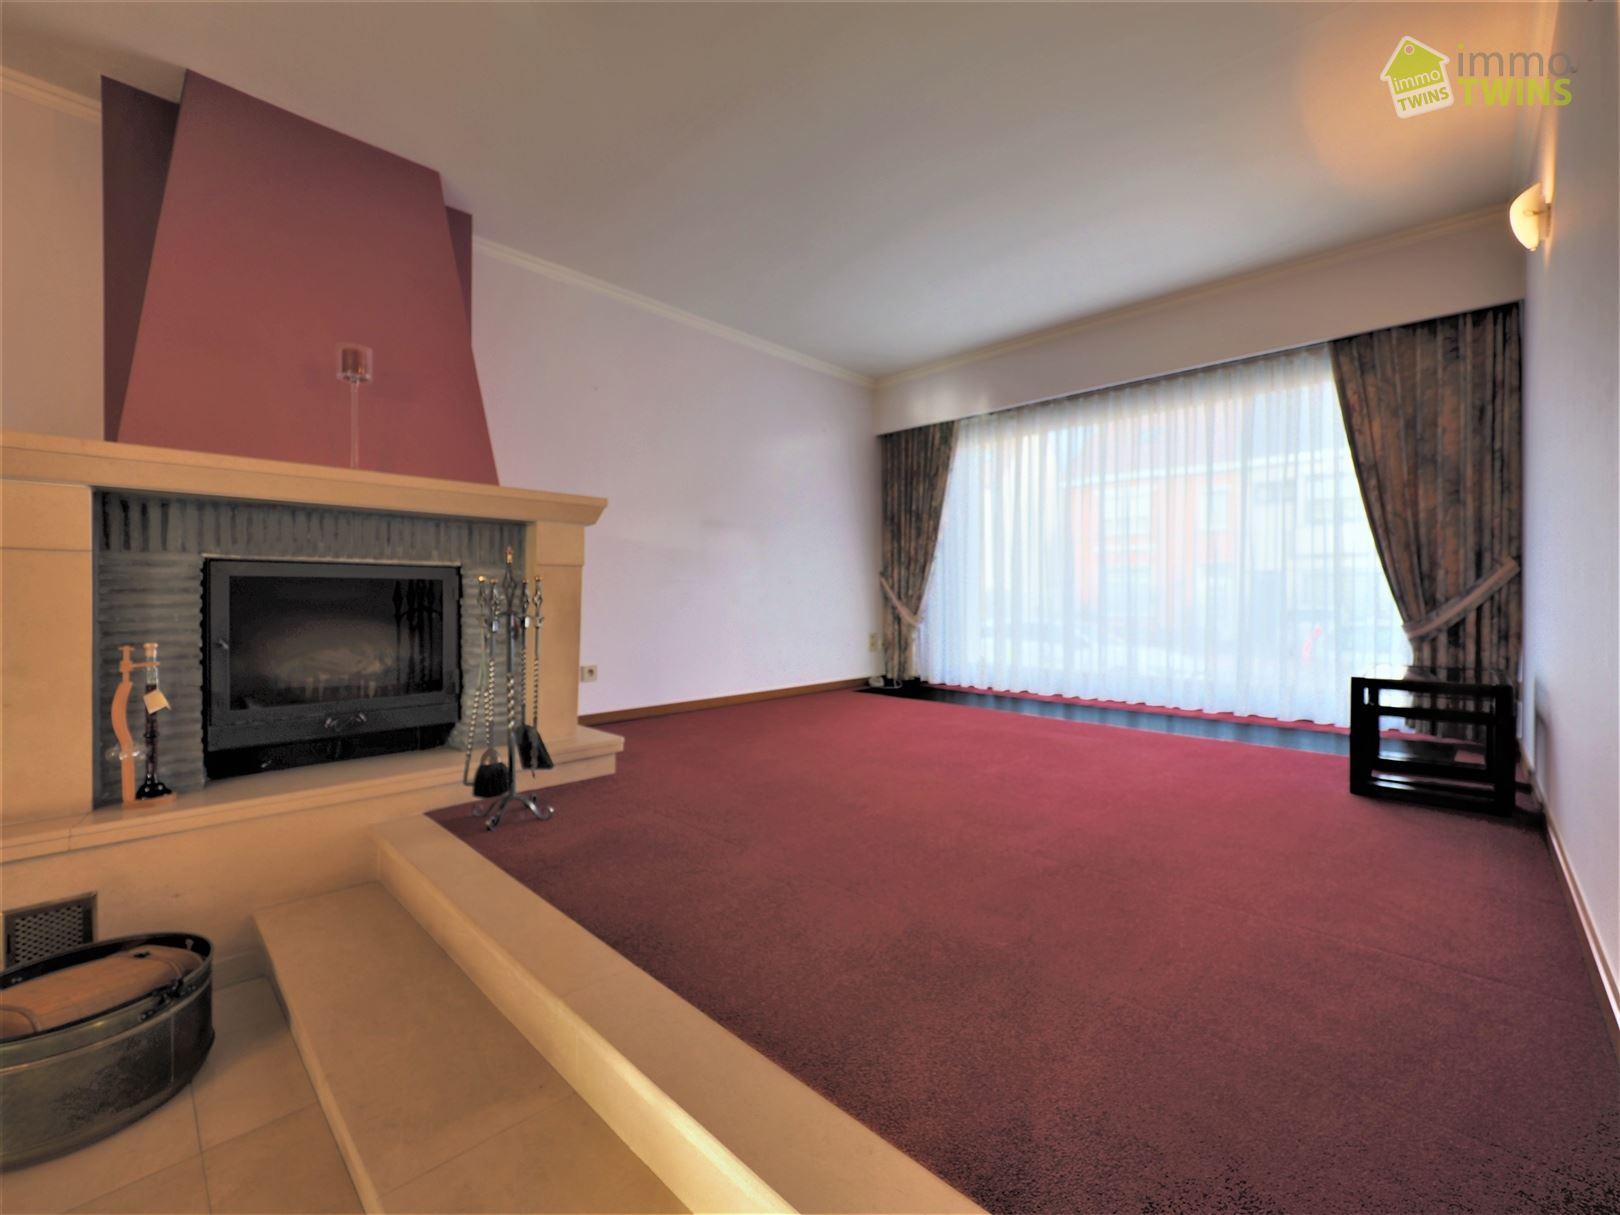 Foto 5 : Huis te 9240 ZELE (België) - Prijs € 345.000